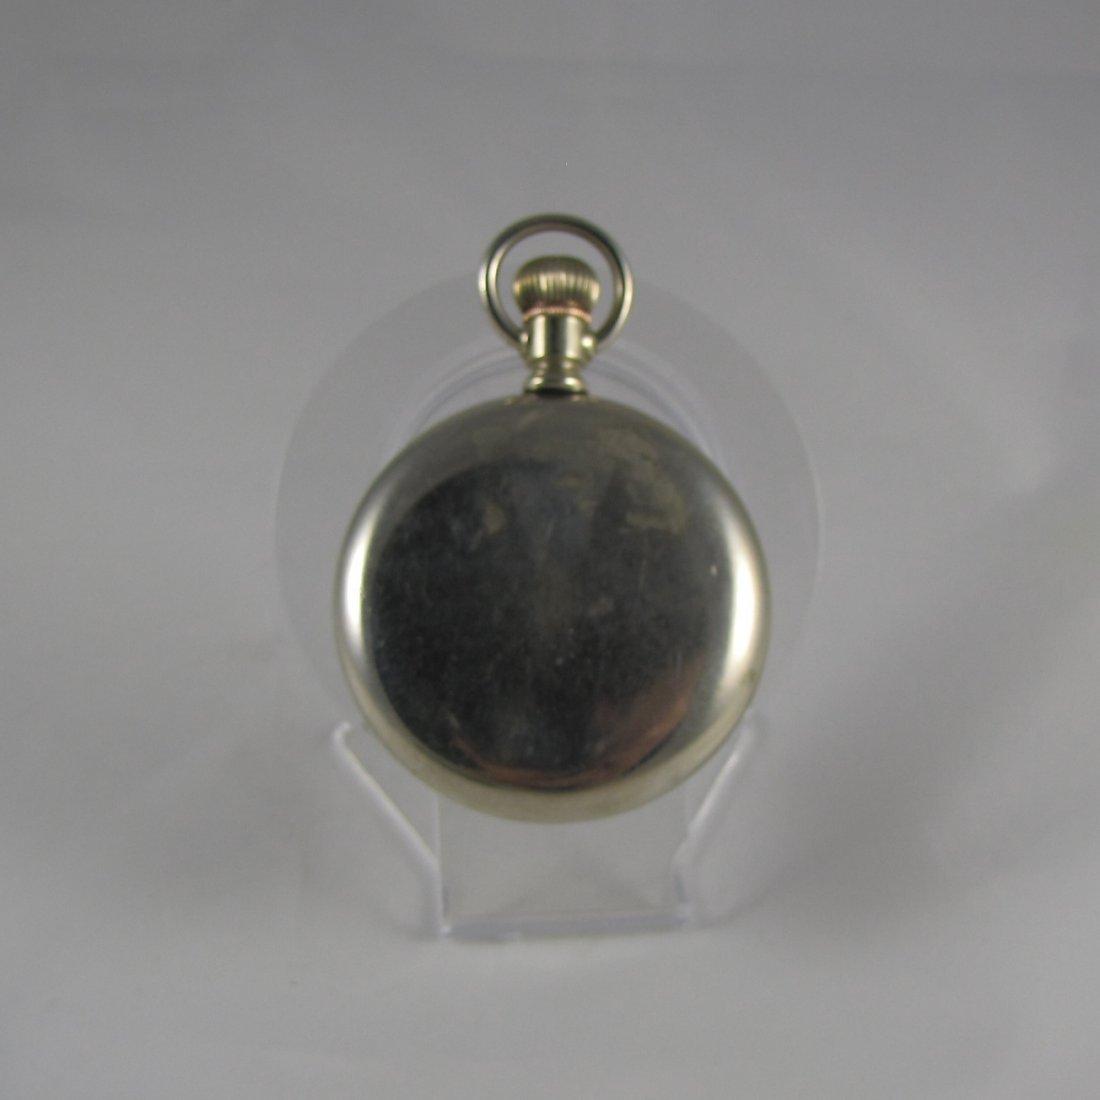 Waltham Silver Pocket Watch - 2